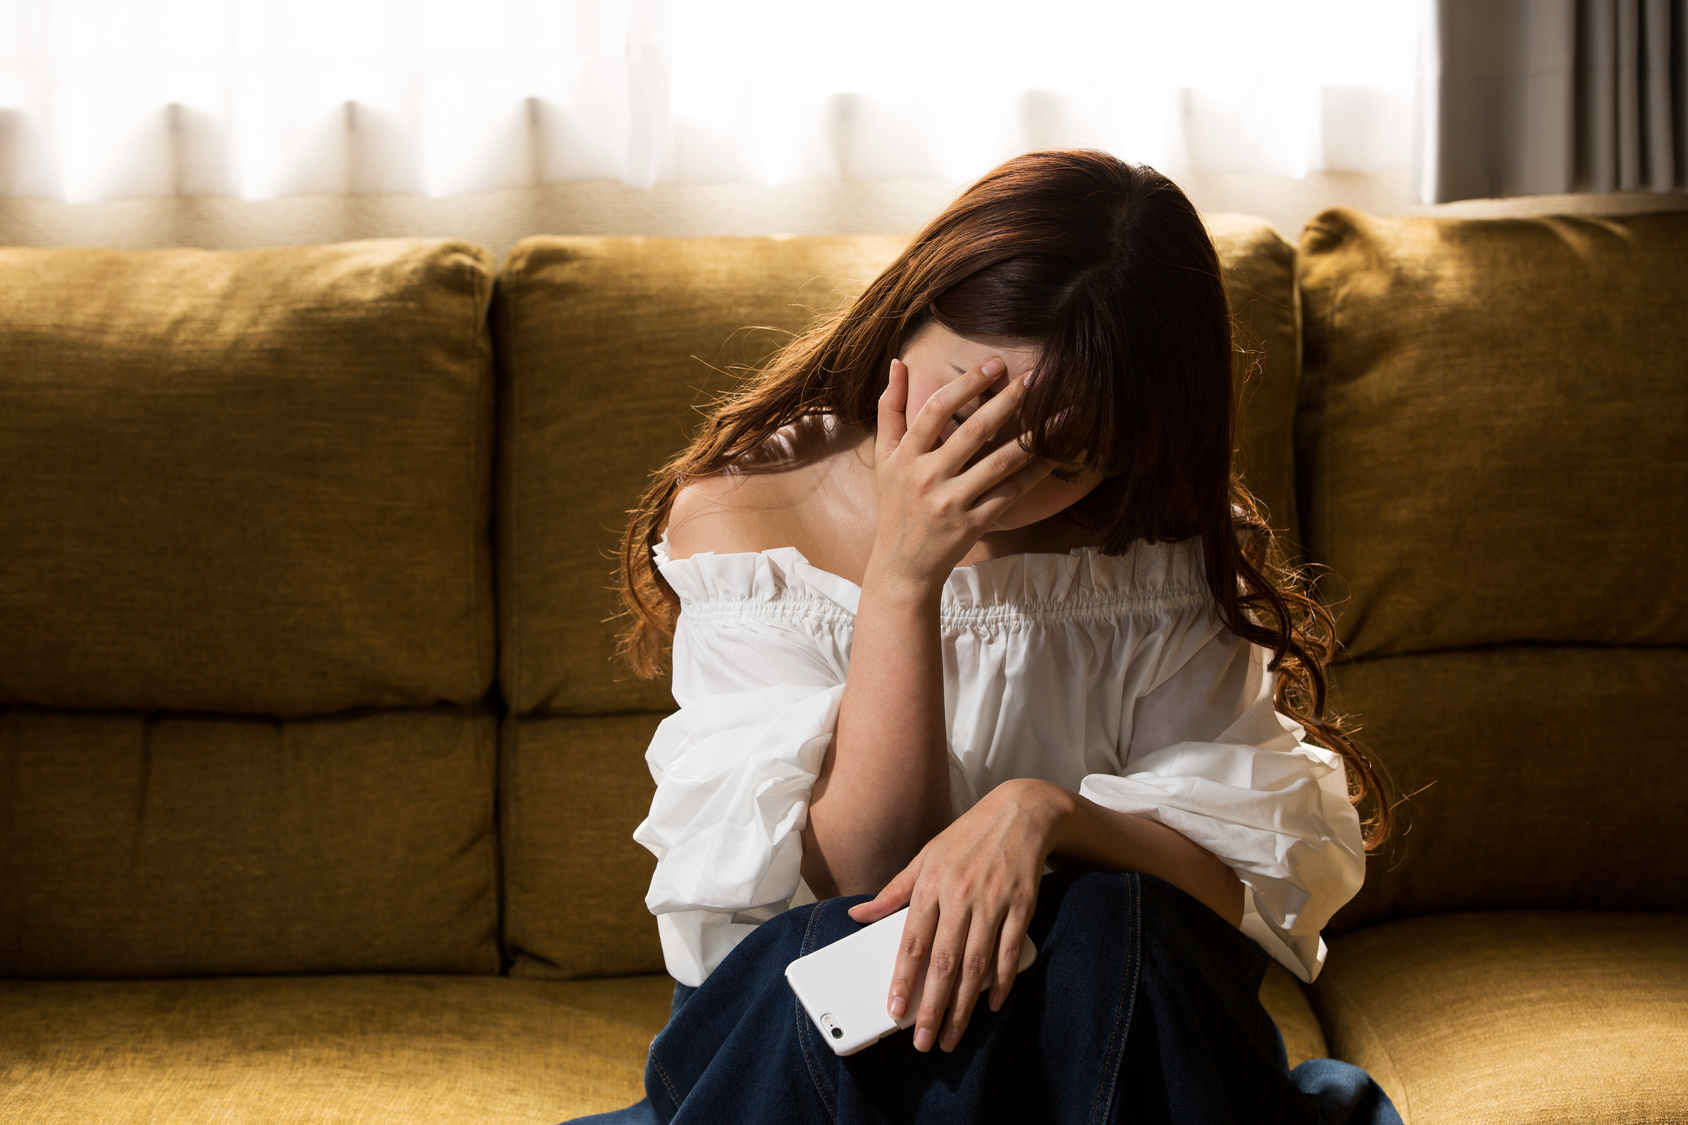 憂鬱の女性